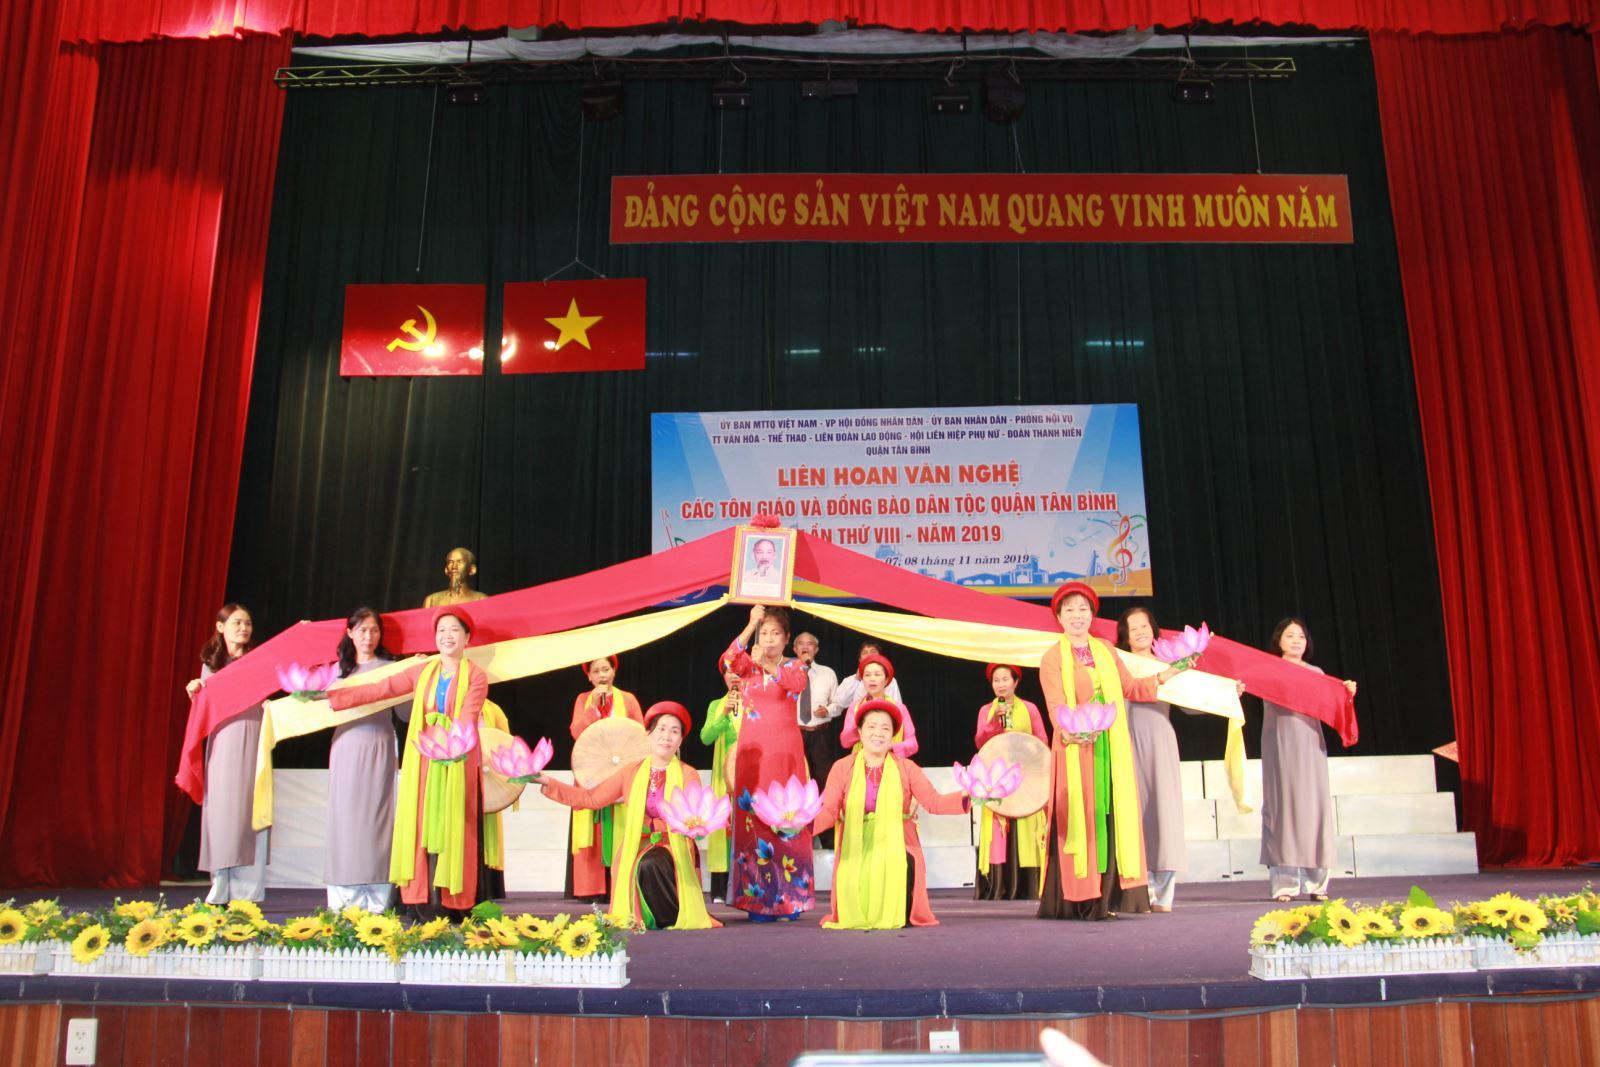 Quận Tân Bình tổ chức Liên hoan văn nghệ các Tôn giáo và đồng bào Dân tộc, lần thứ VIII năm 2019